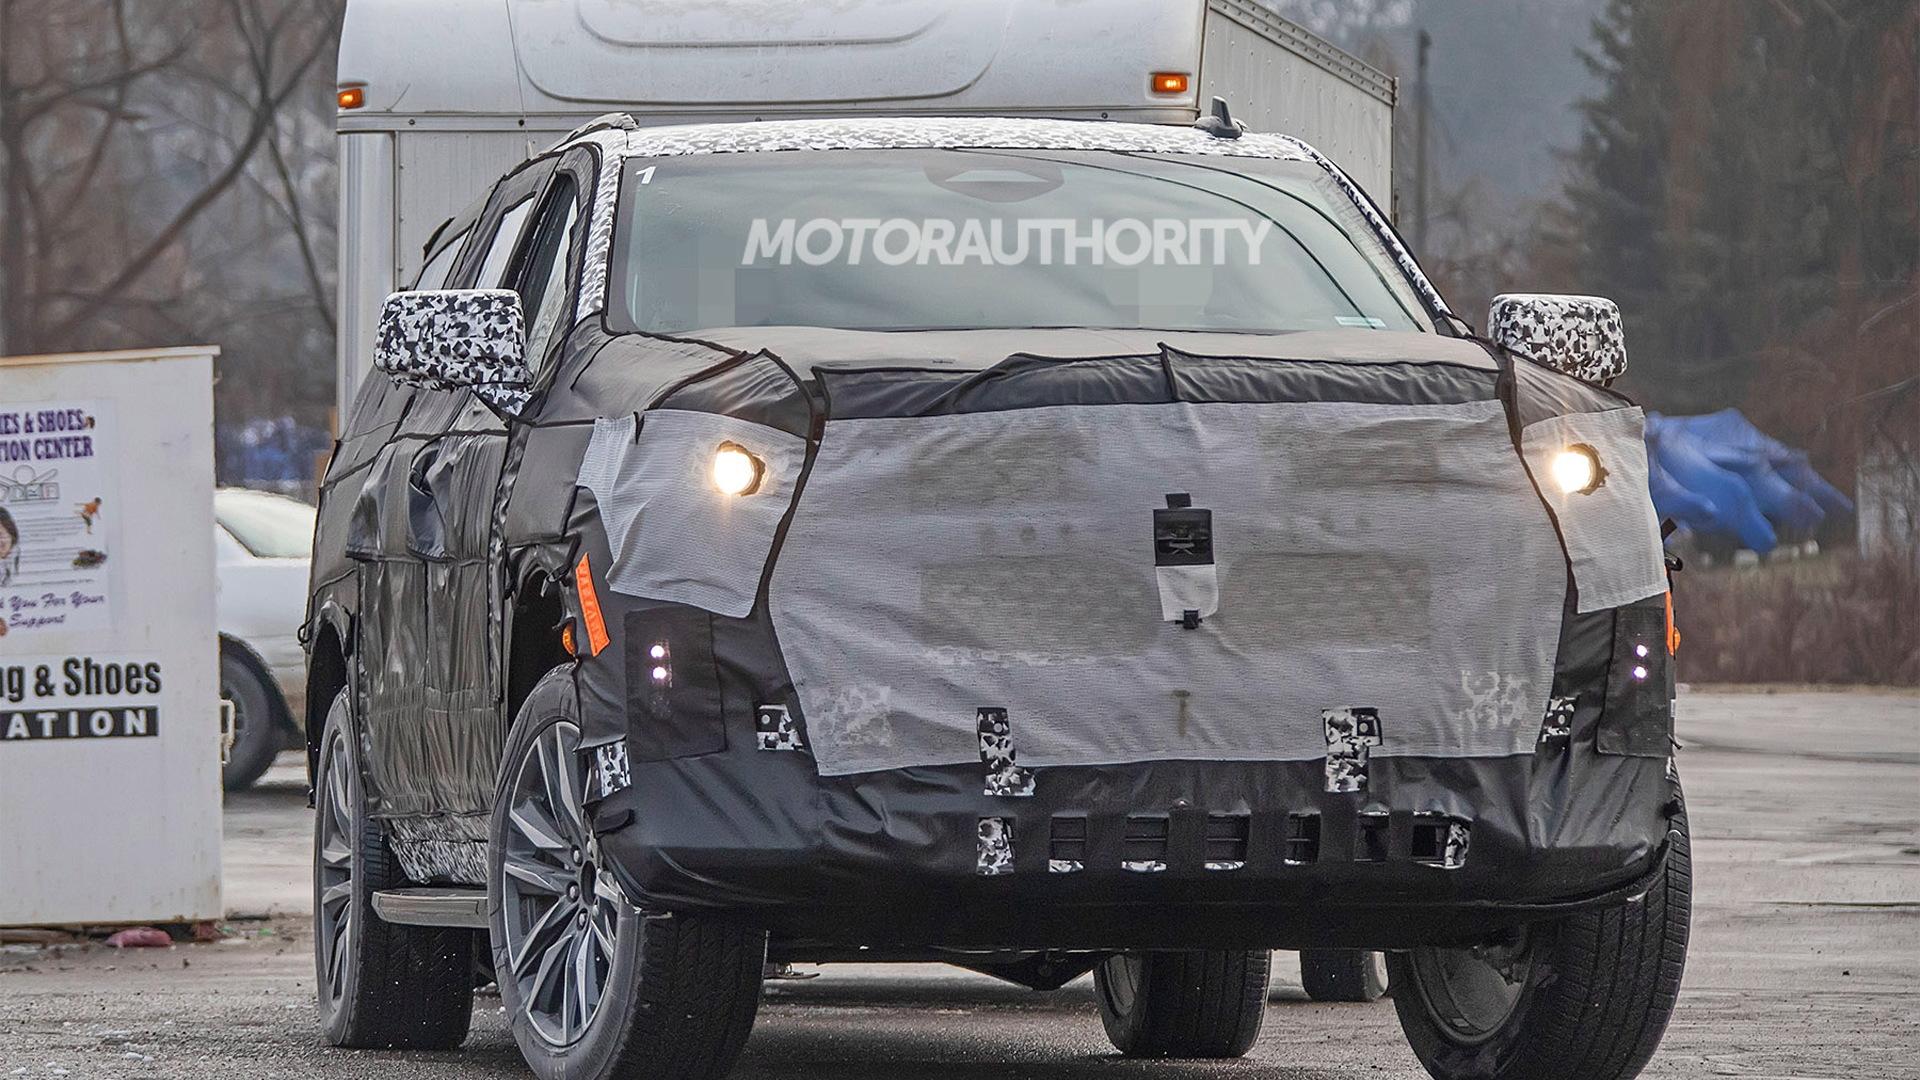 2021 Cadillac Escalade ESV spy shots - Image via S. Baldauf/SB-Medien